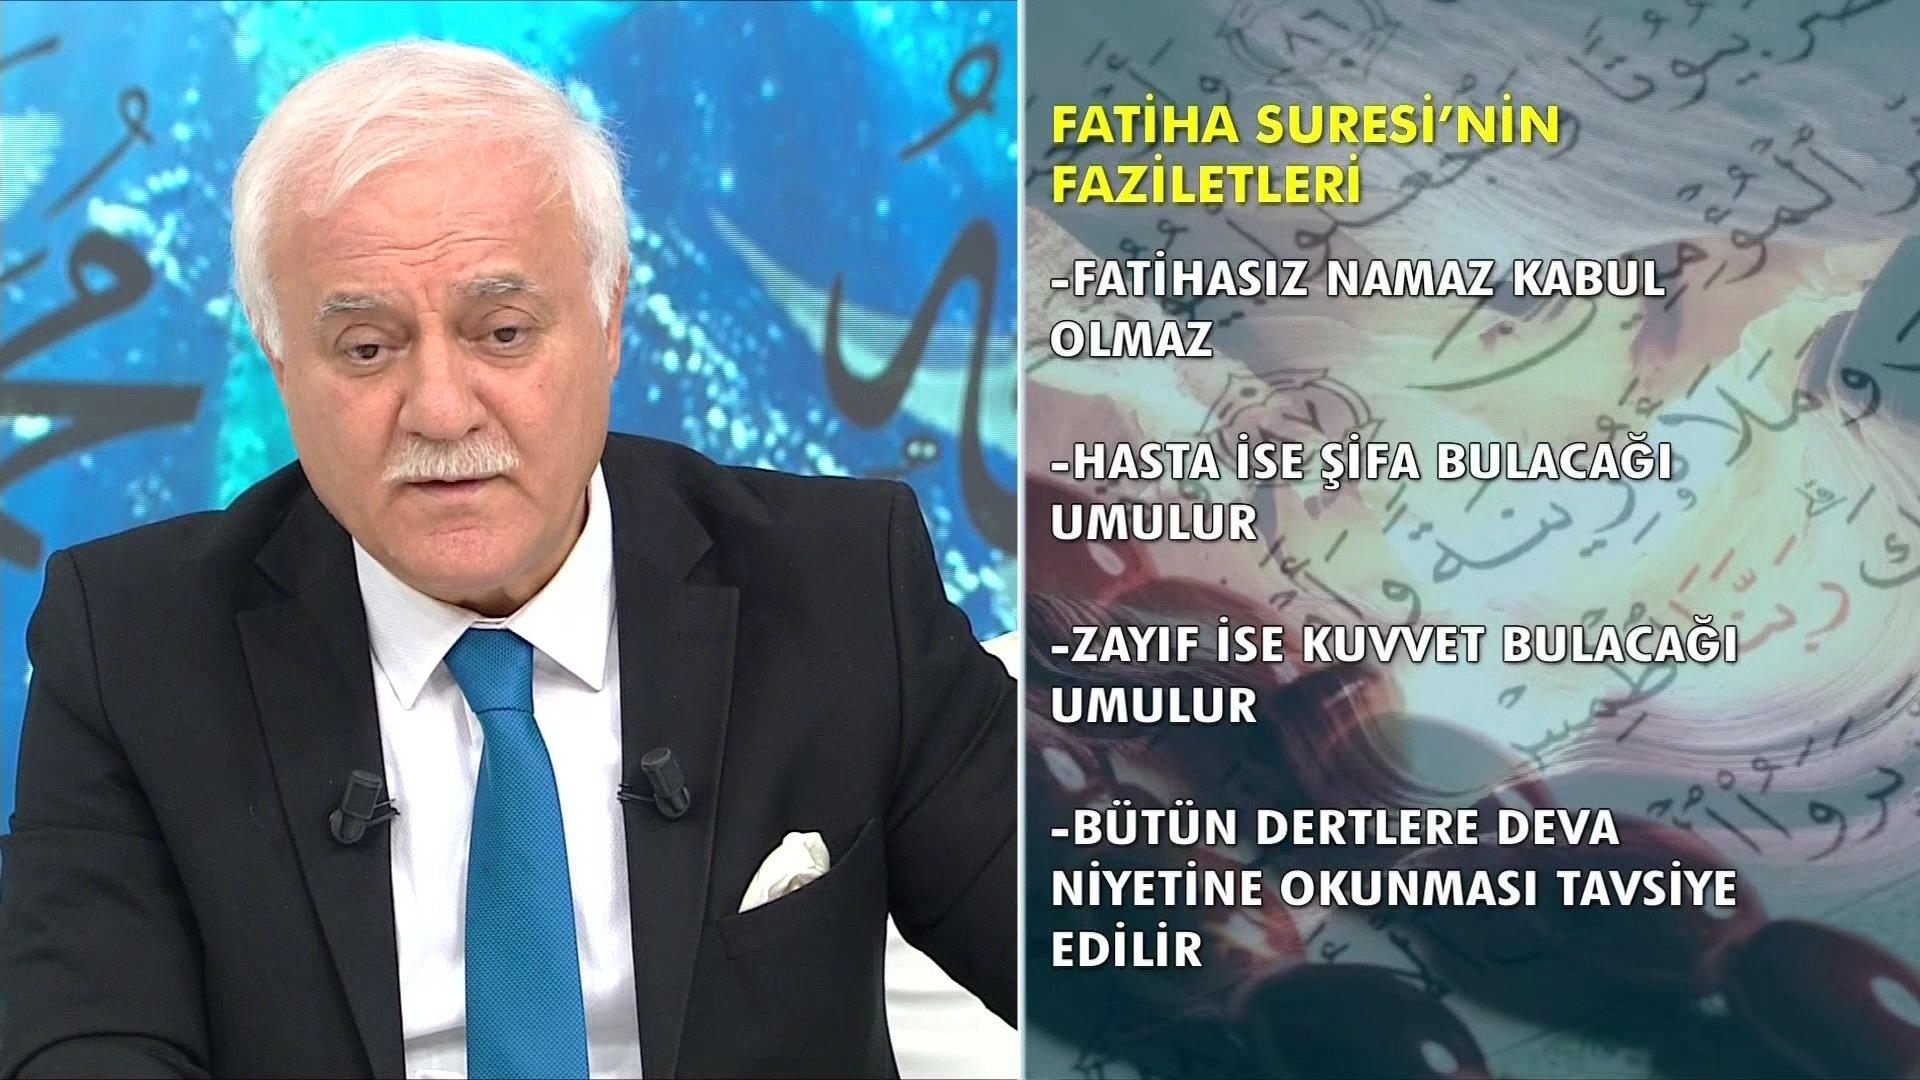 Fatiha Suresi'nin faziletleri